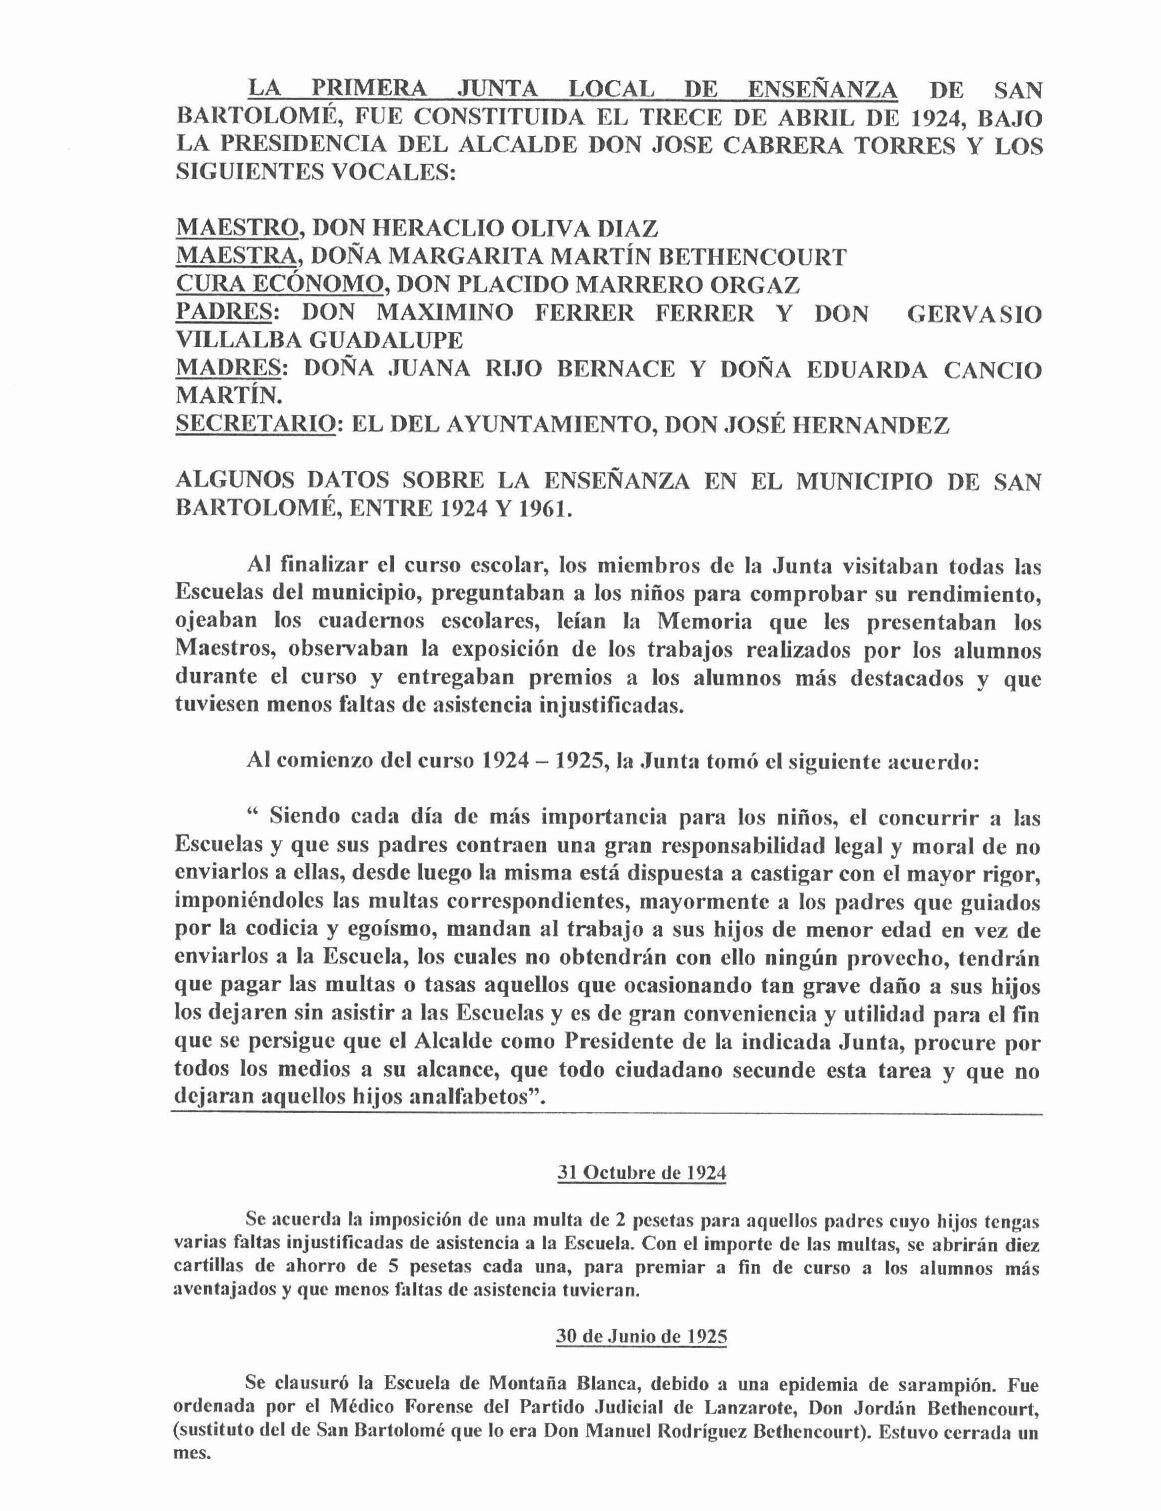 Algunos datos sobre la enseñanza en San Bartolomé (1924-61)